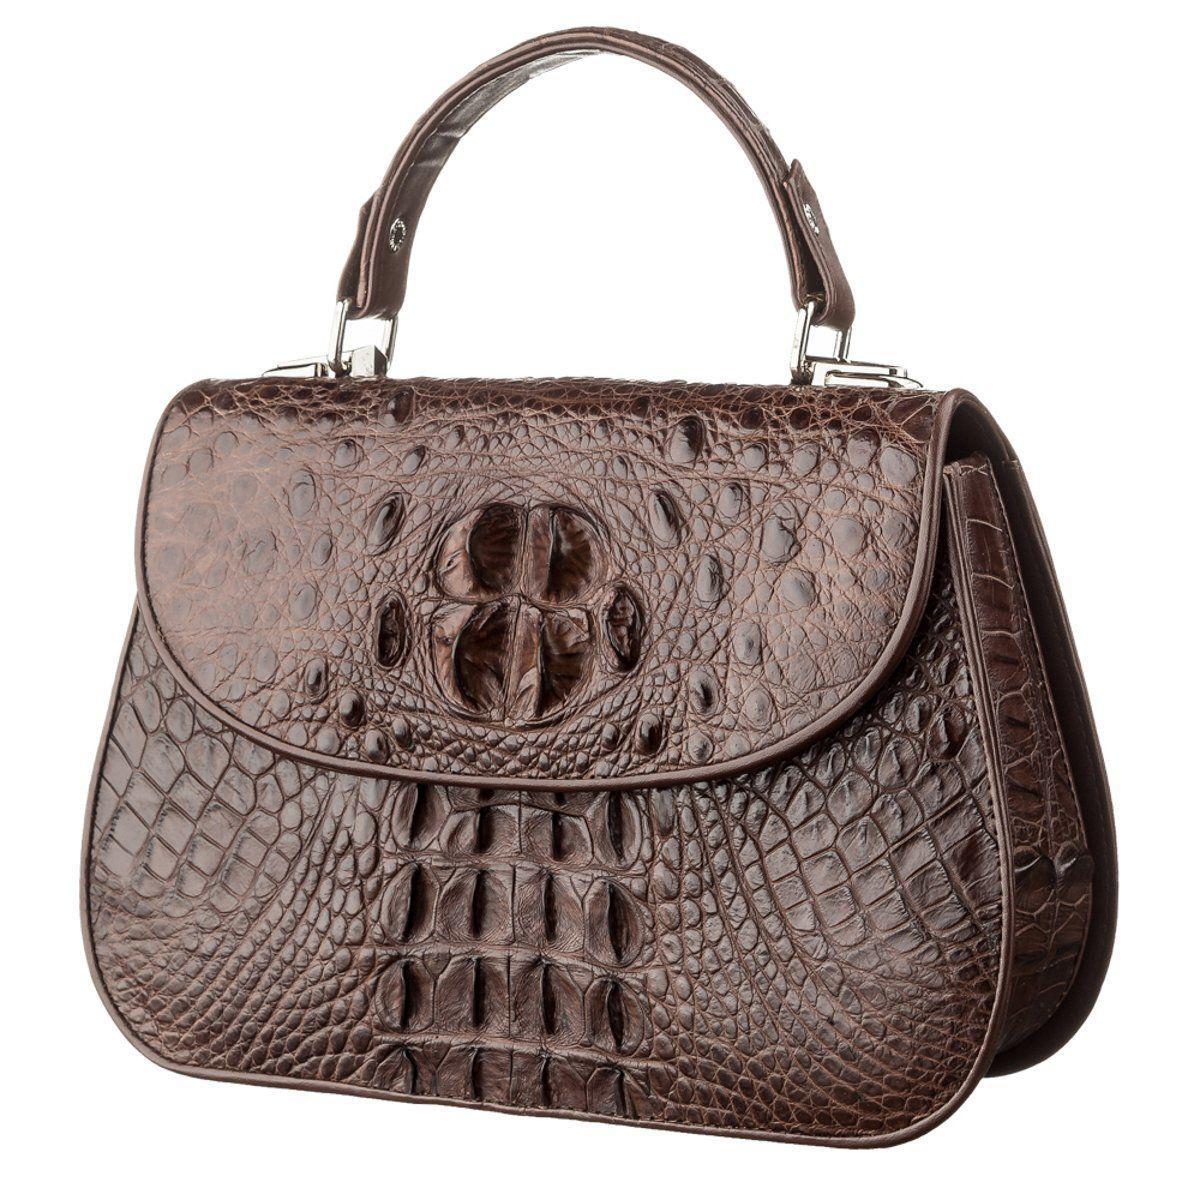 Сумка Ekzotic Leather из натуральной кожи крокодила Коричневая (cb 29)